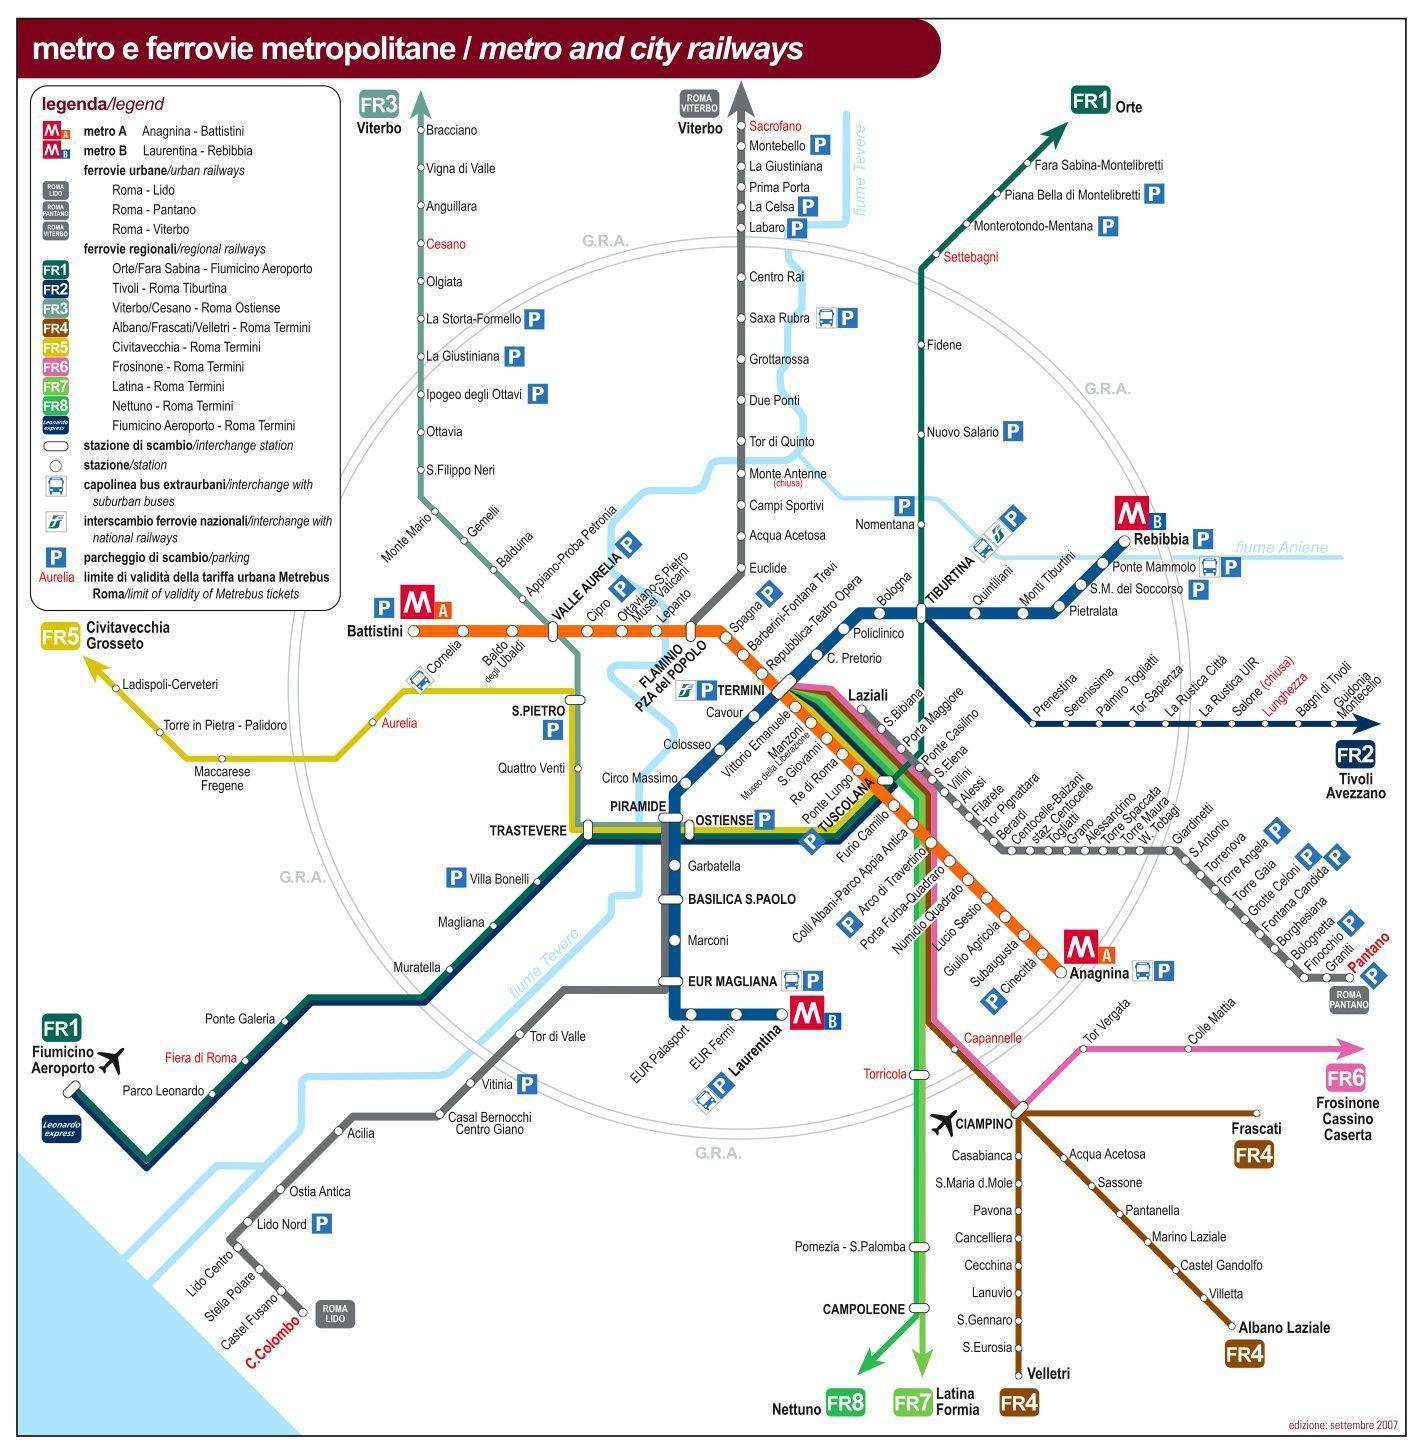 Cartina Roma Mezzi Pubblici.Roma Trasporto Pubblico Mappa Roma Cartina Dei Trasporti Pubblici Lazio Italia